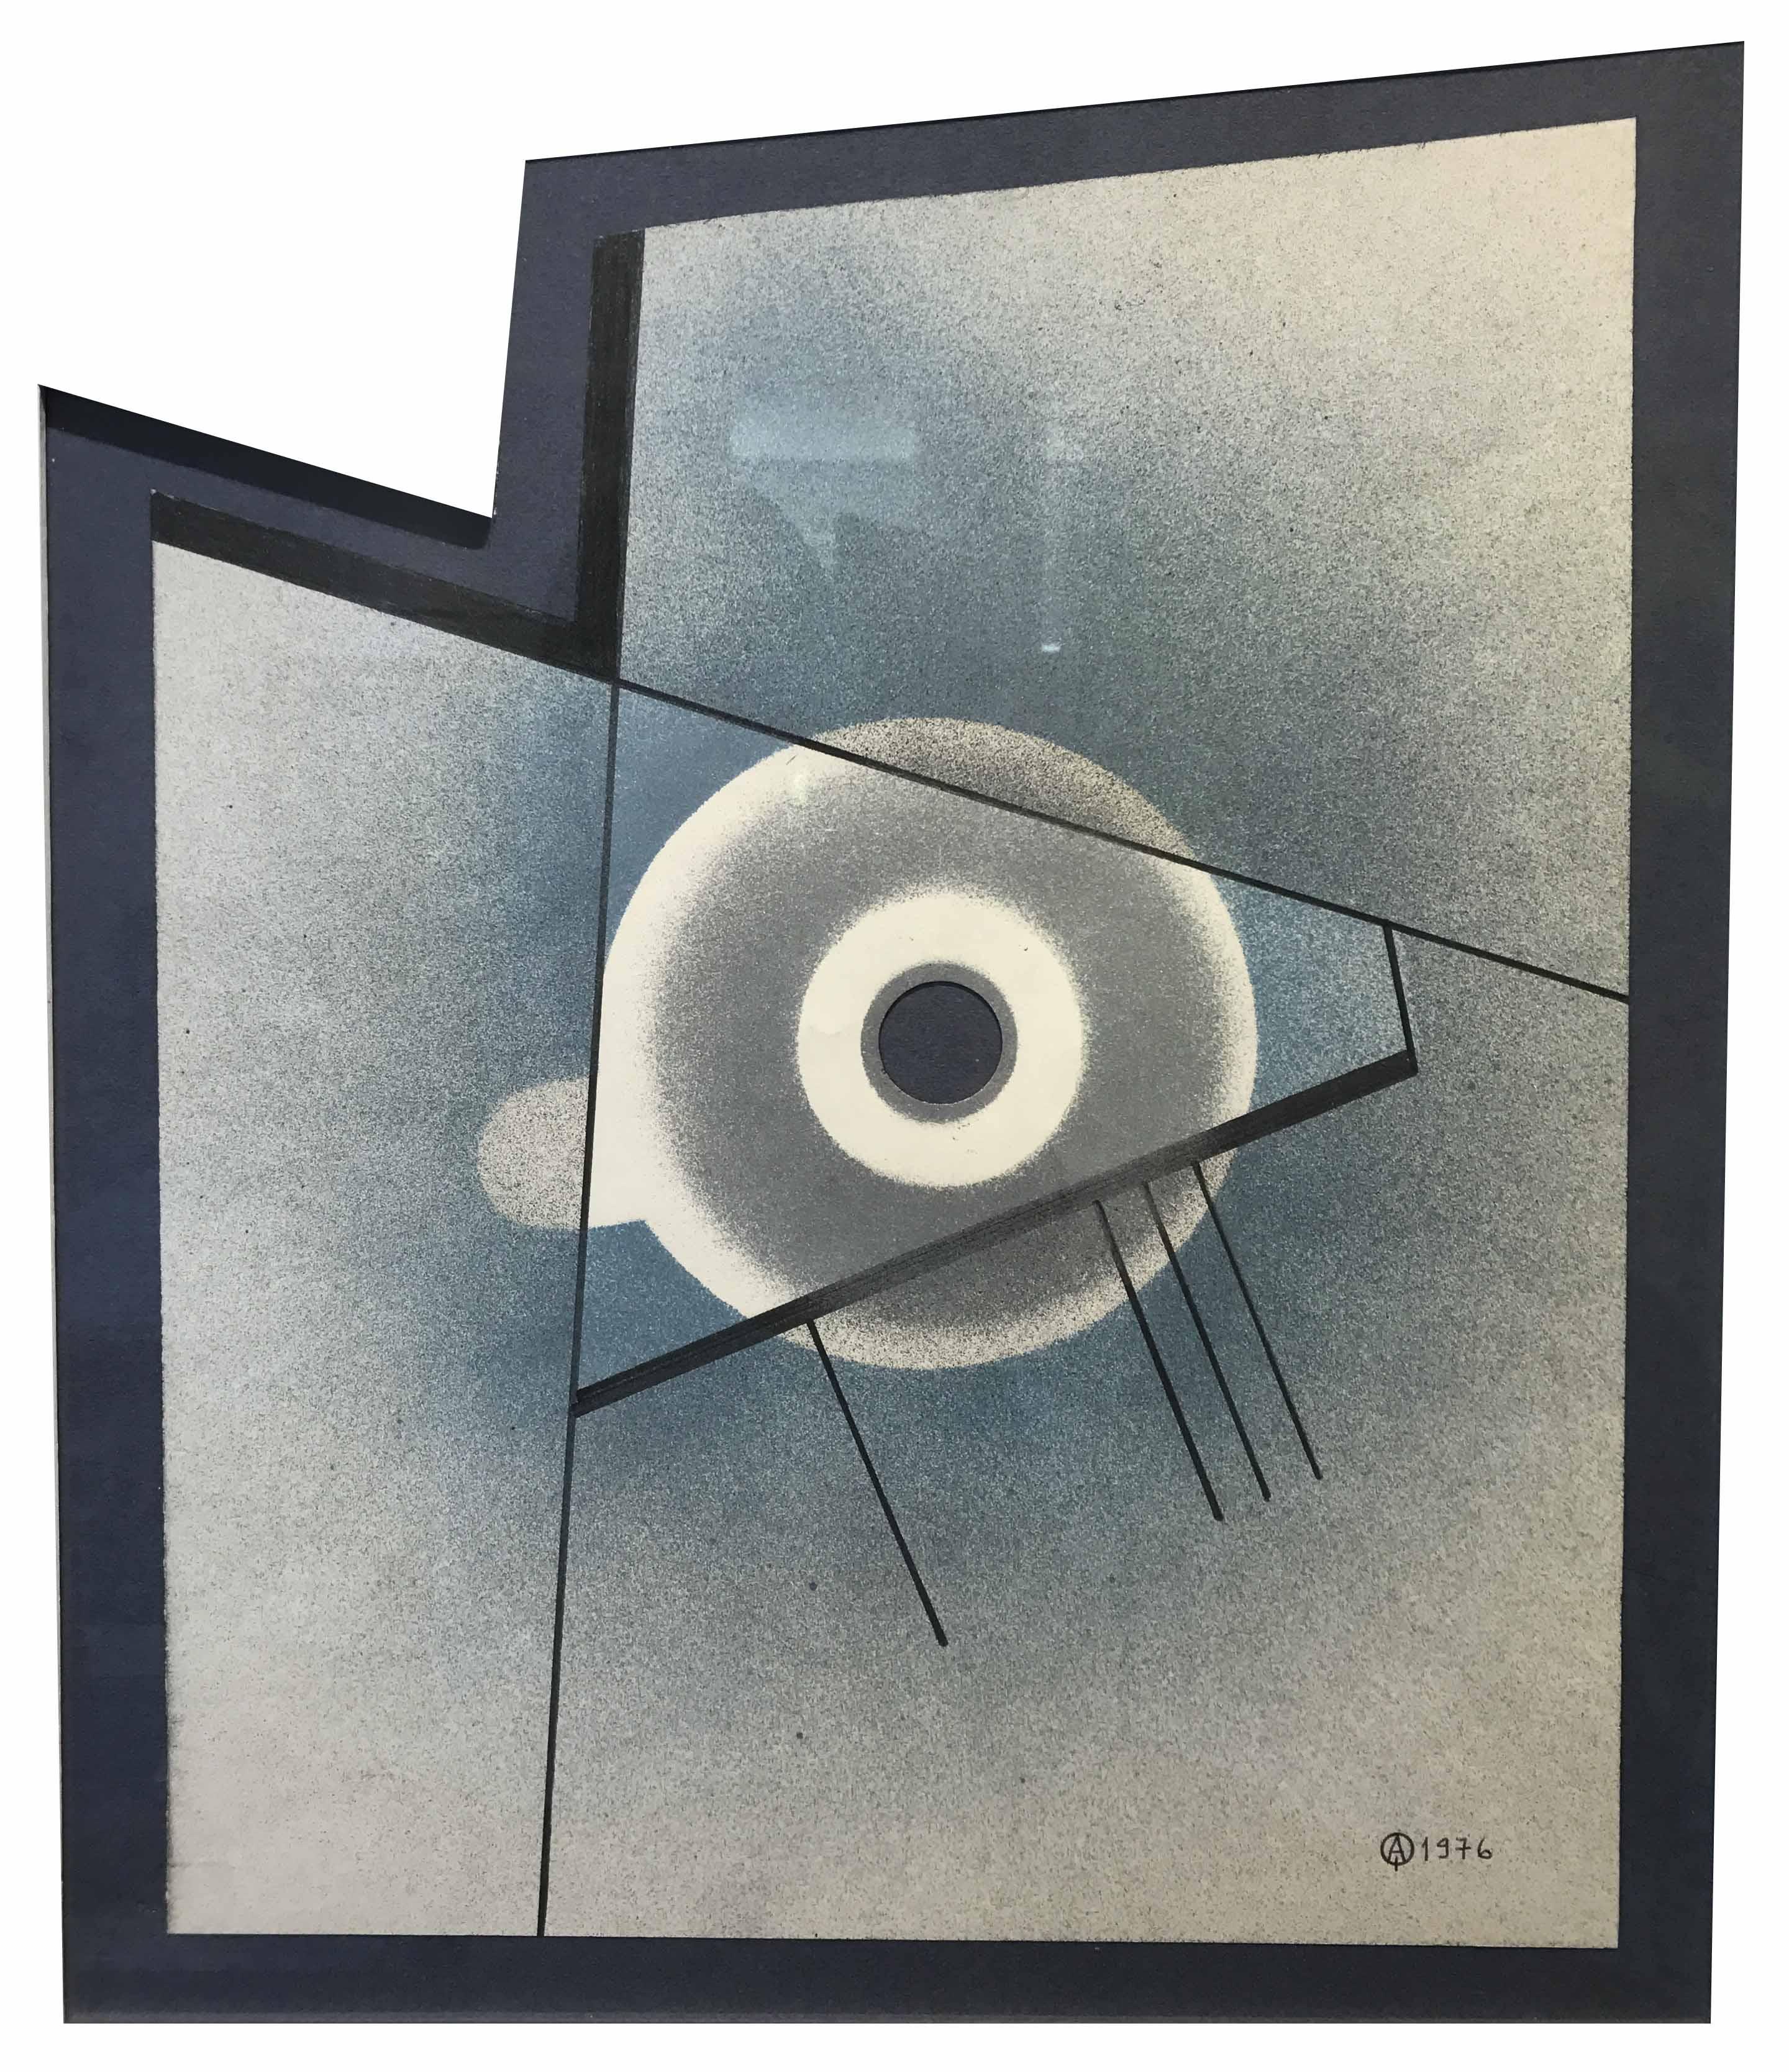 """CARMELO ARDEN QUIN (1913 - 2010) """"FORMA MADI""""  Técnica mixta; 42 x 35 cm. Firmado y fechado 1976 abajo a la derecha. POR CONSULTAS DE PRECIOS, CONTACTE LA GALERIA. FOR PRICE´S ENQUIRIES, PLEASE CONTACT THE GALLERY."""